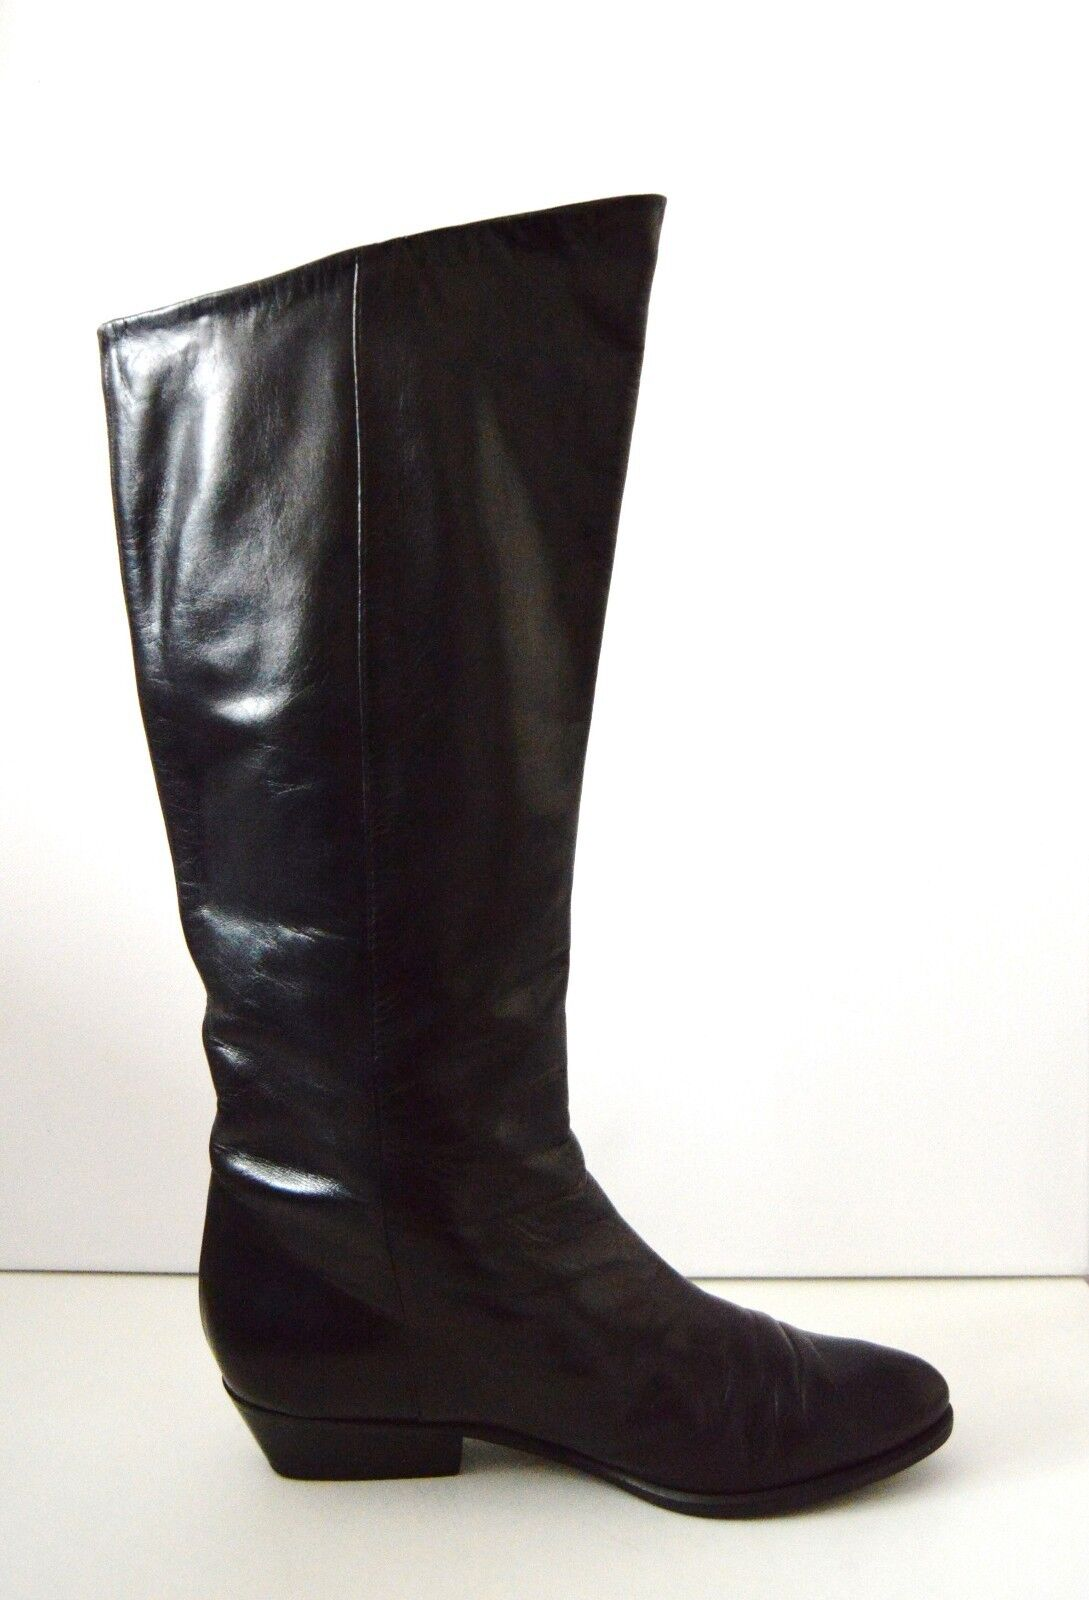 Damen Stiefel flach VENEZIA Stiefel stivali Winterstiefel flach Stiefel 90er TRUE VINTAGE a09518